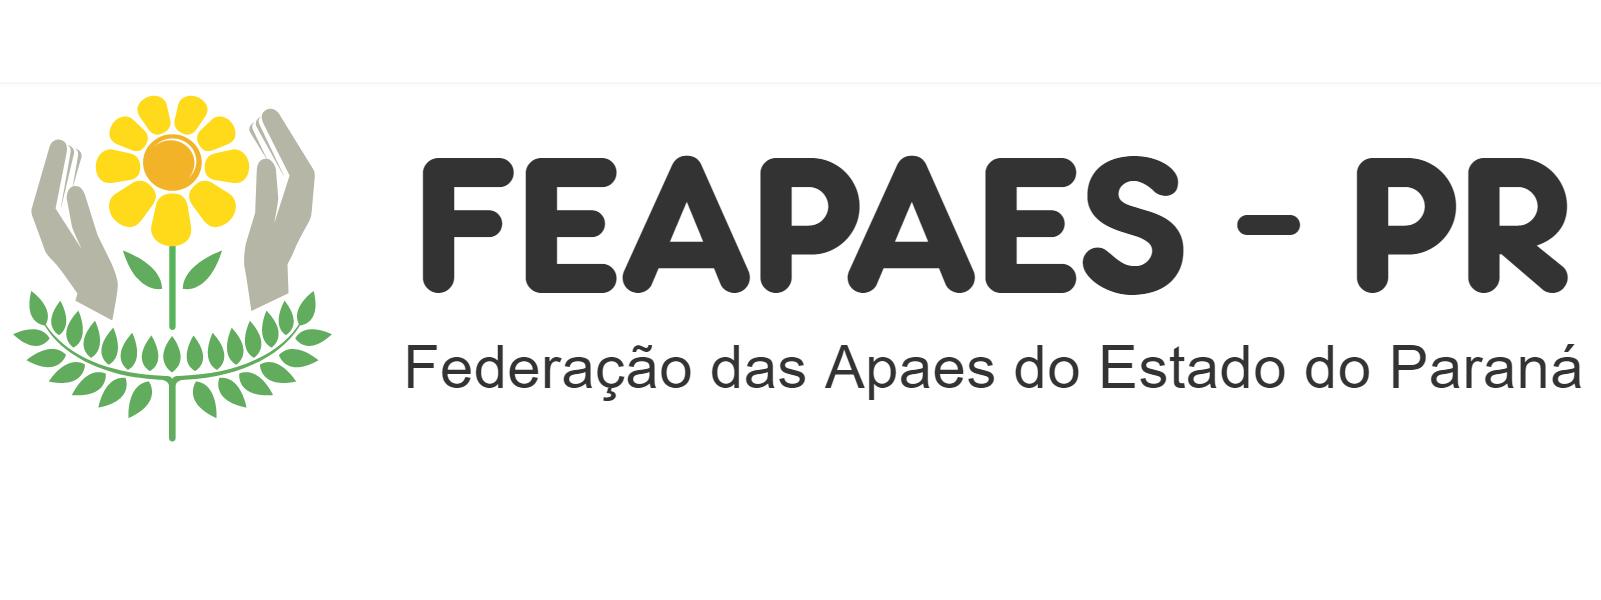 – VISITA A FEAPAES-PR